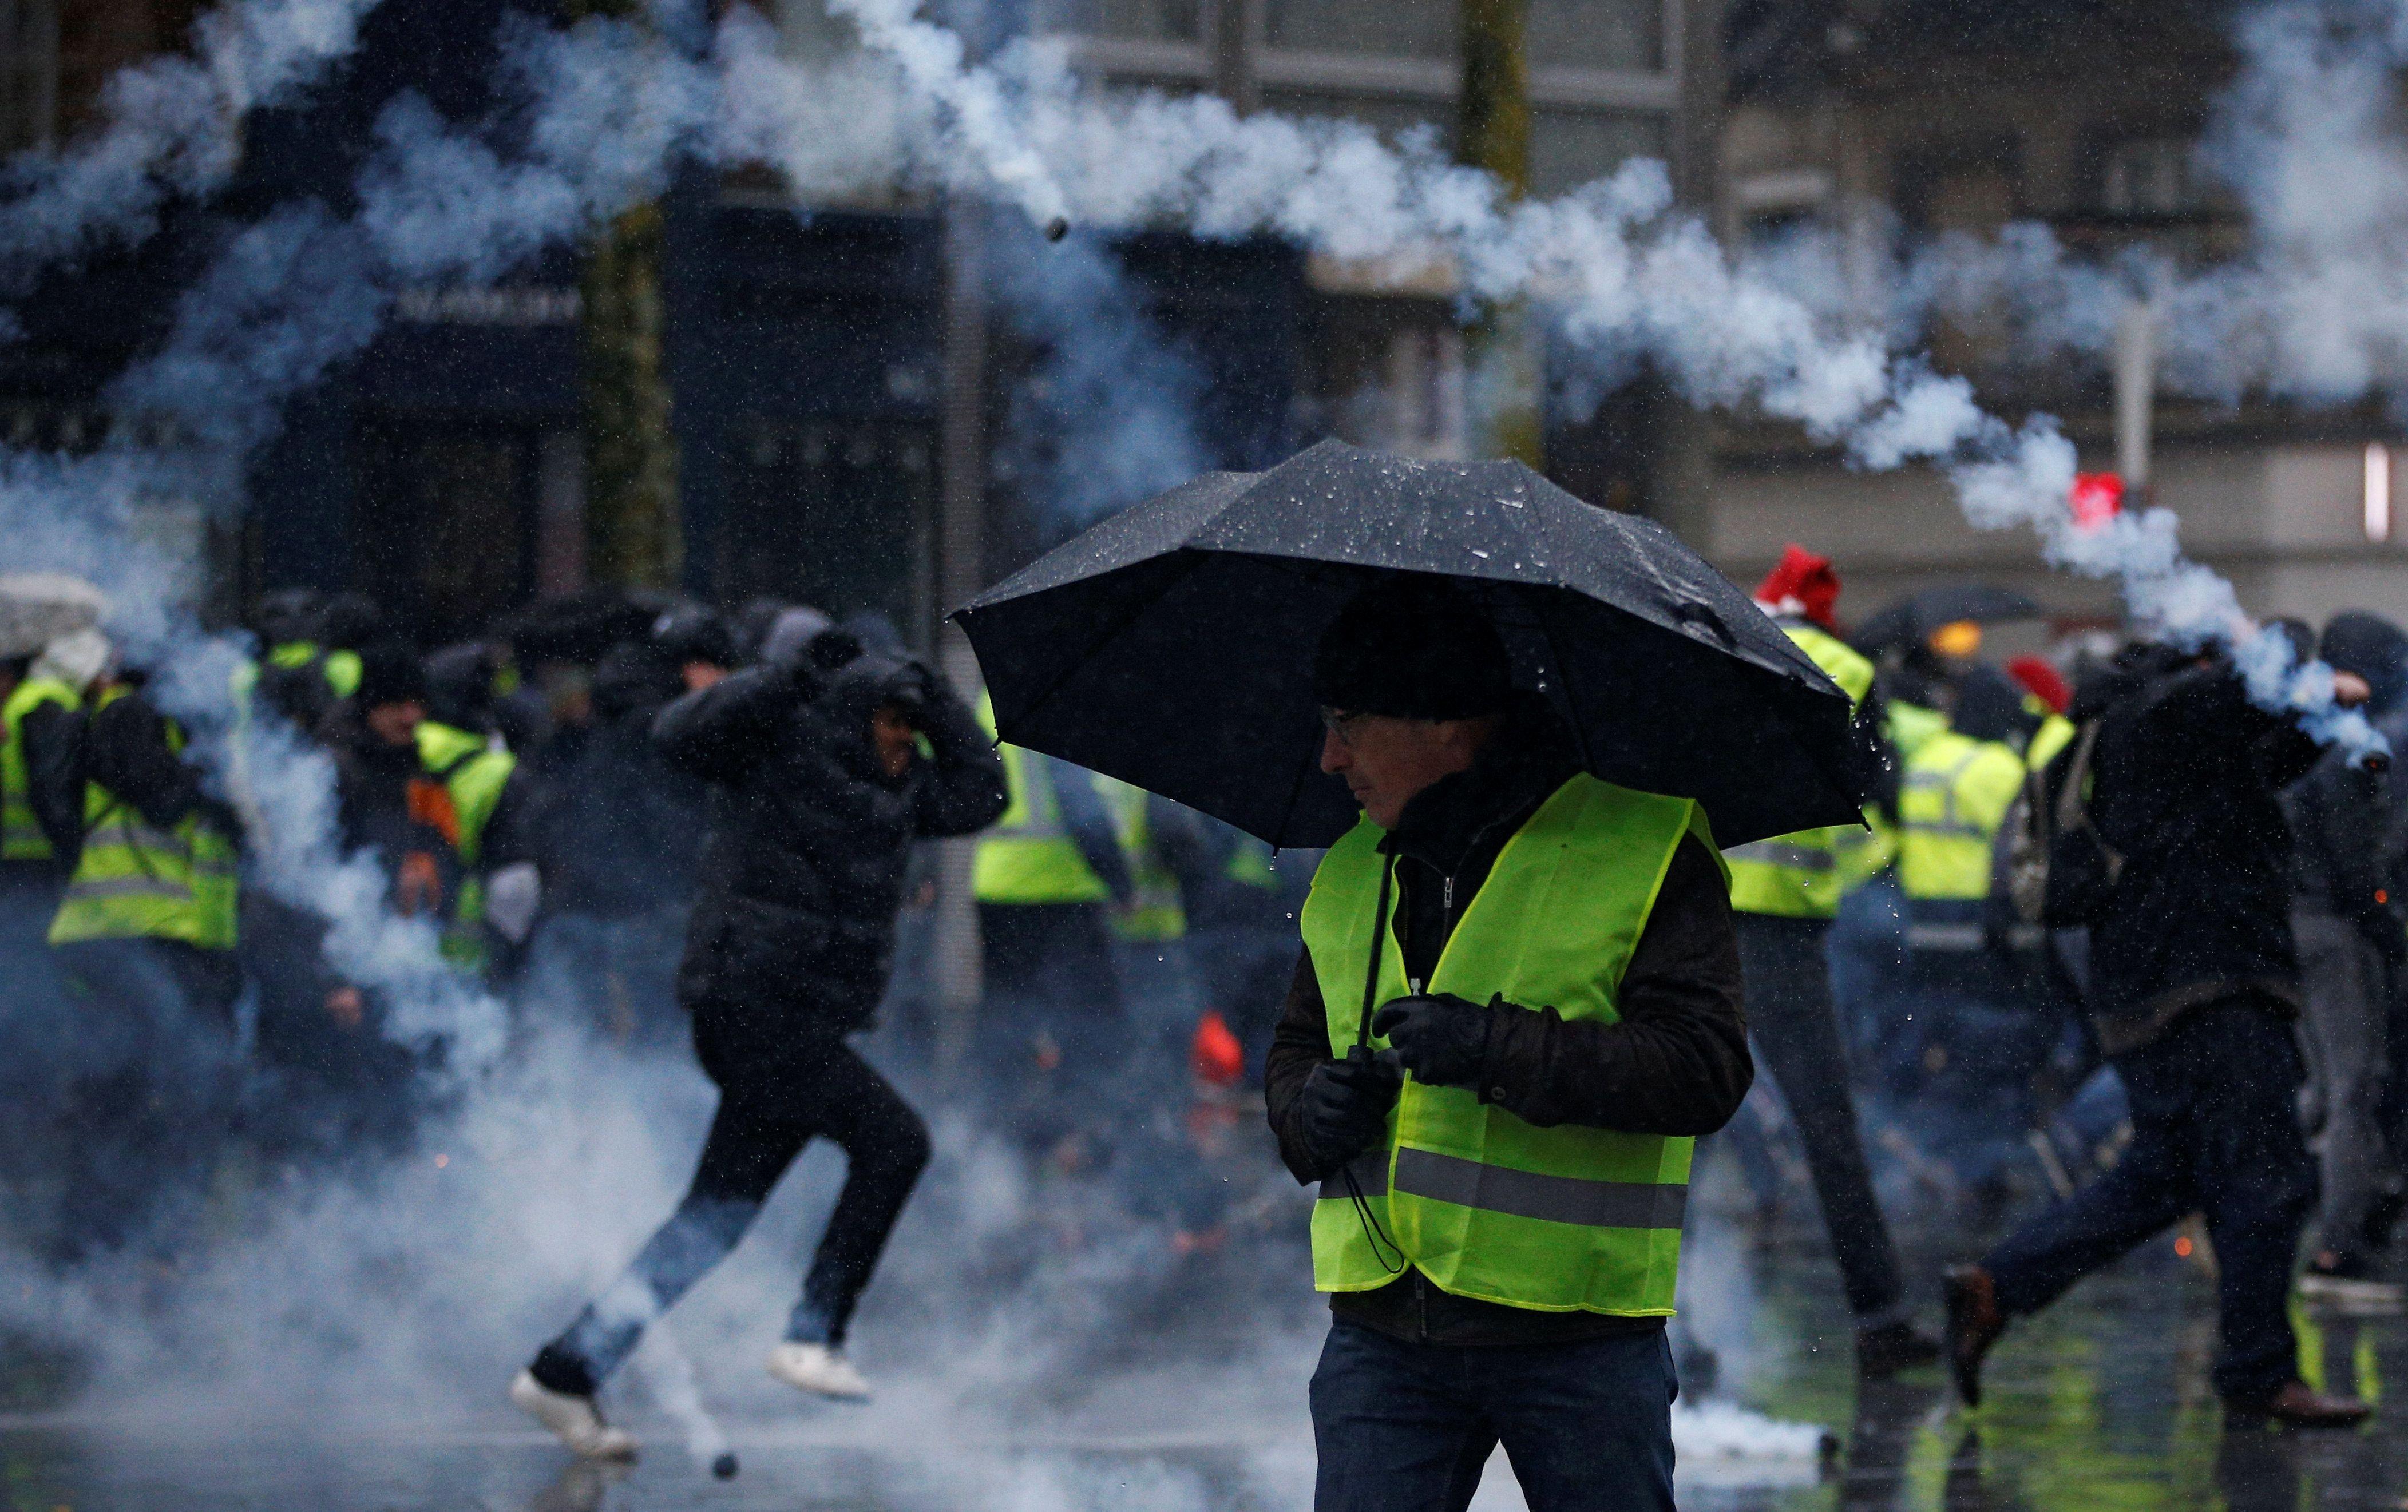 Protest & Democracy